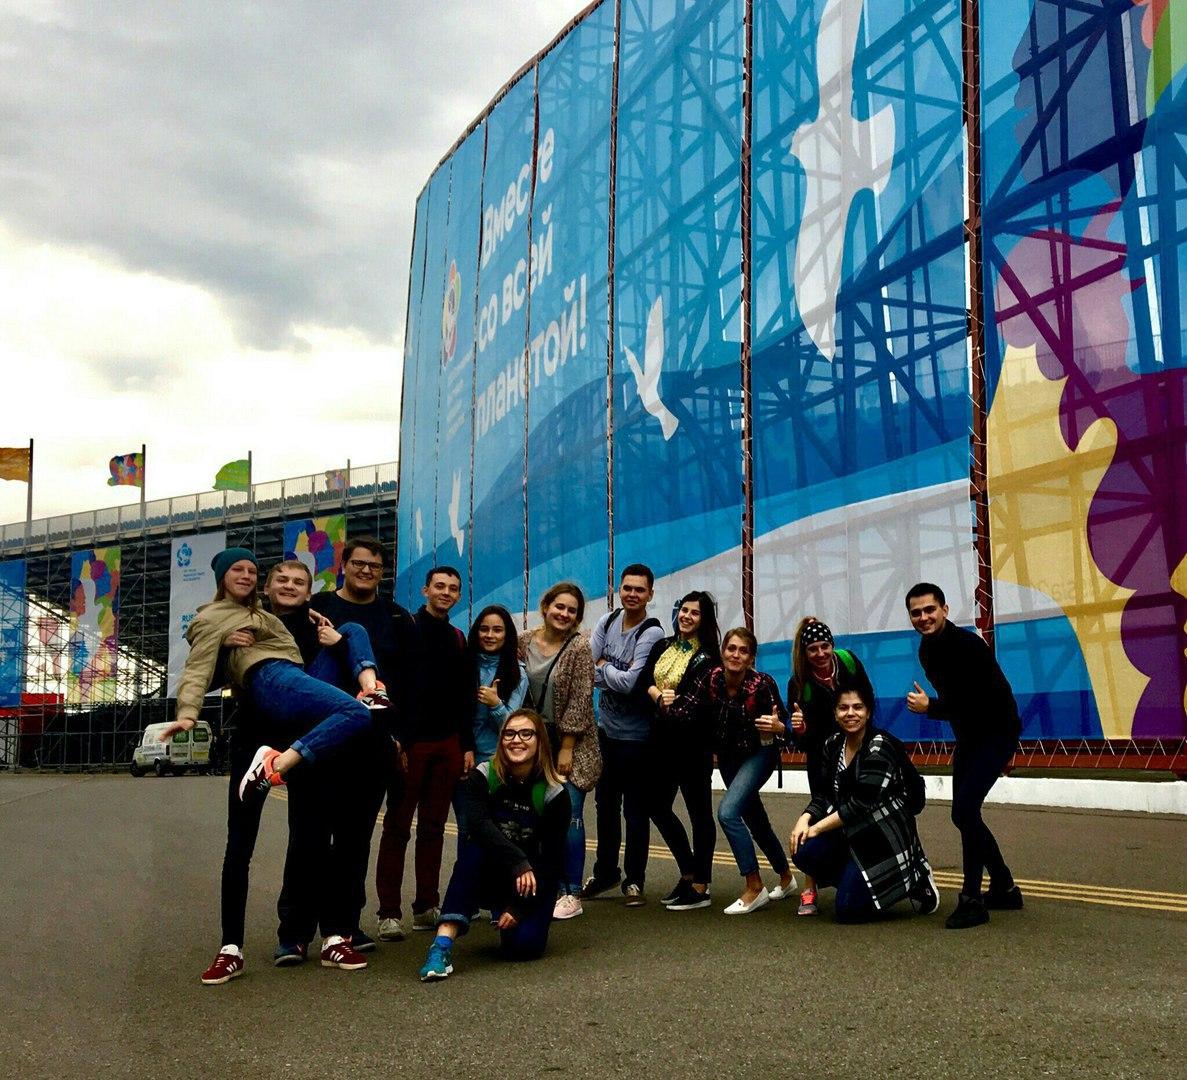 В Сочи открылся XIX Всемирный фестиваль молодежи и студентов